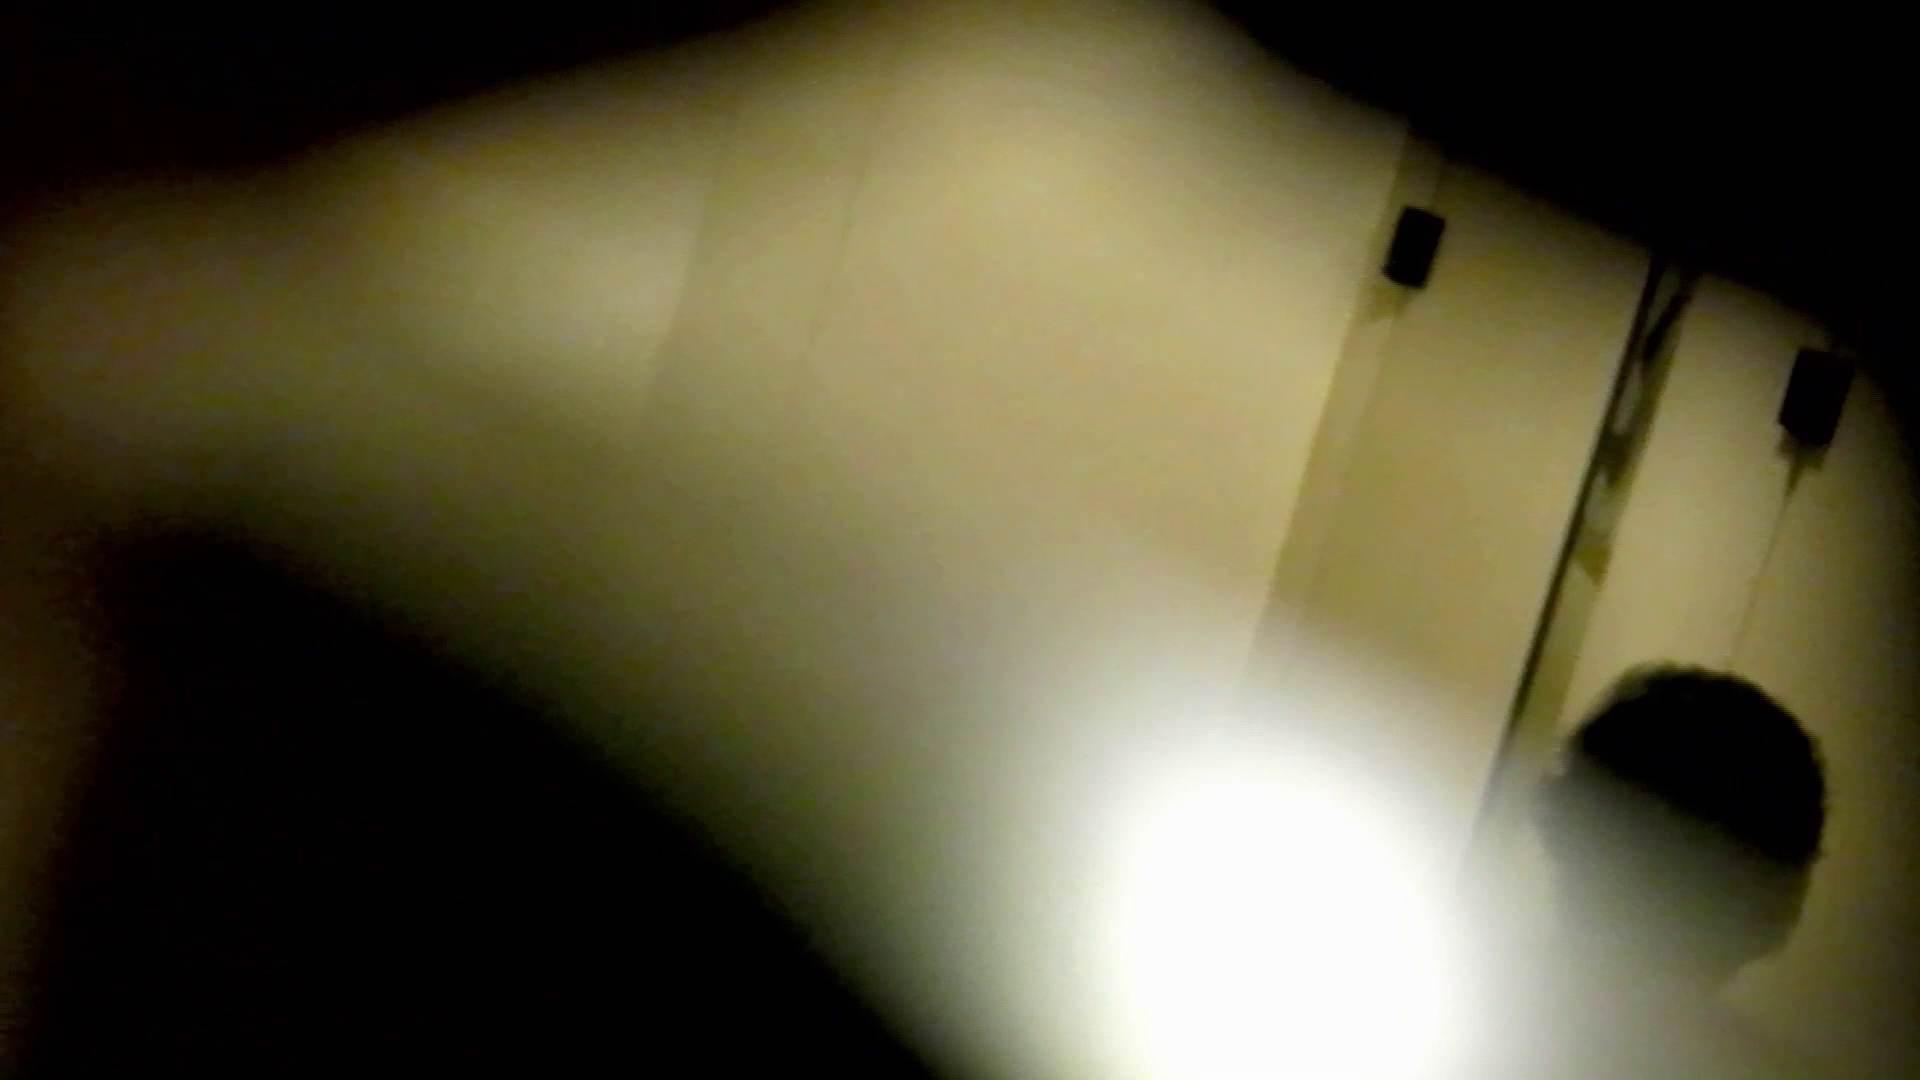 新世界の射窓 No78 トリンドル 玲奈似登場シリーズ美女率最高作! 美女  109pic 24